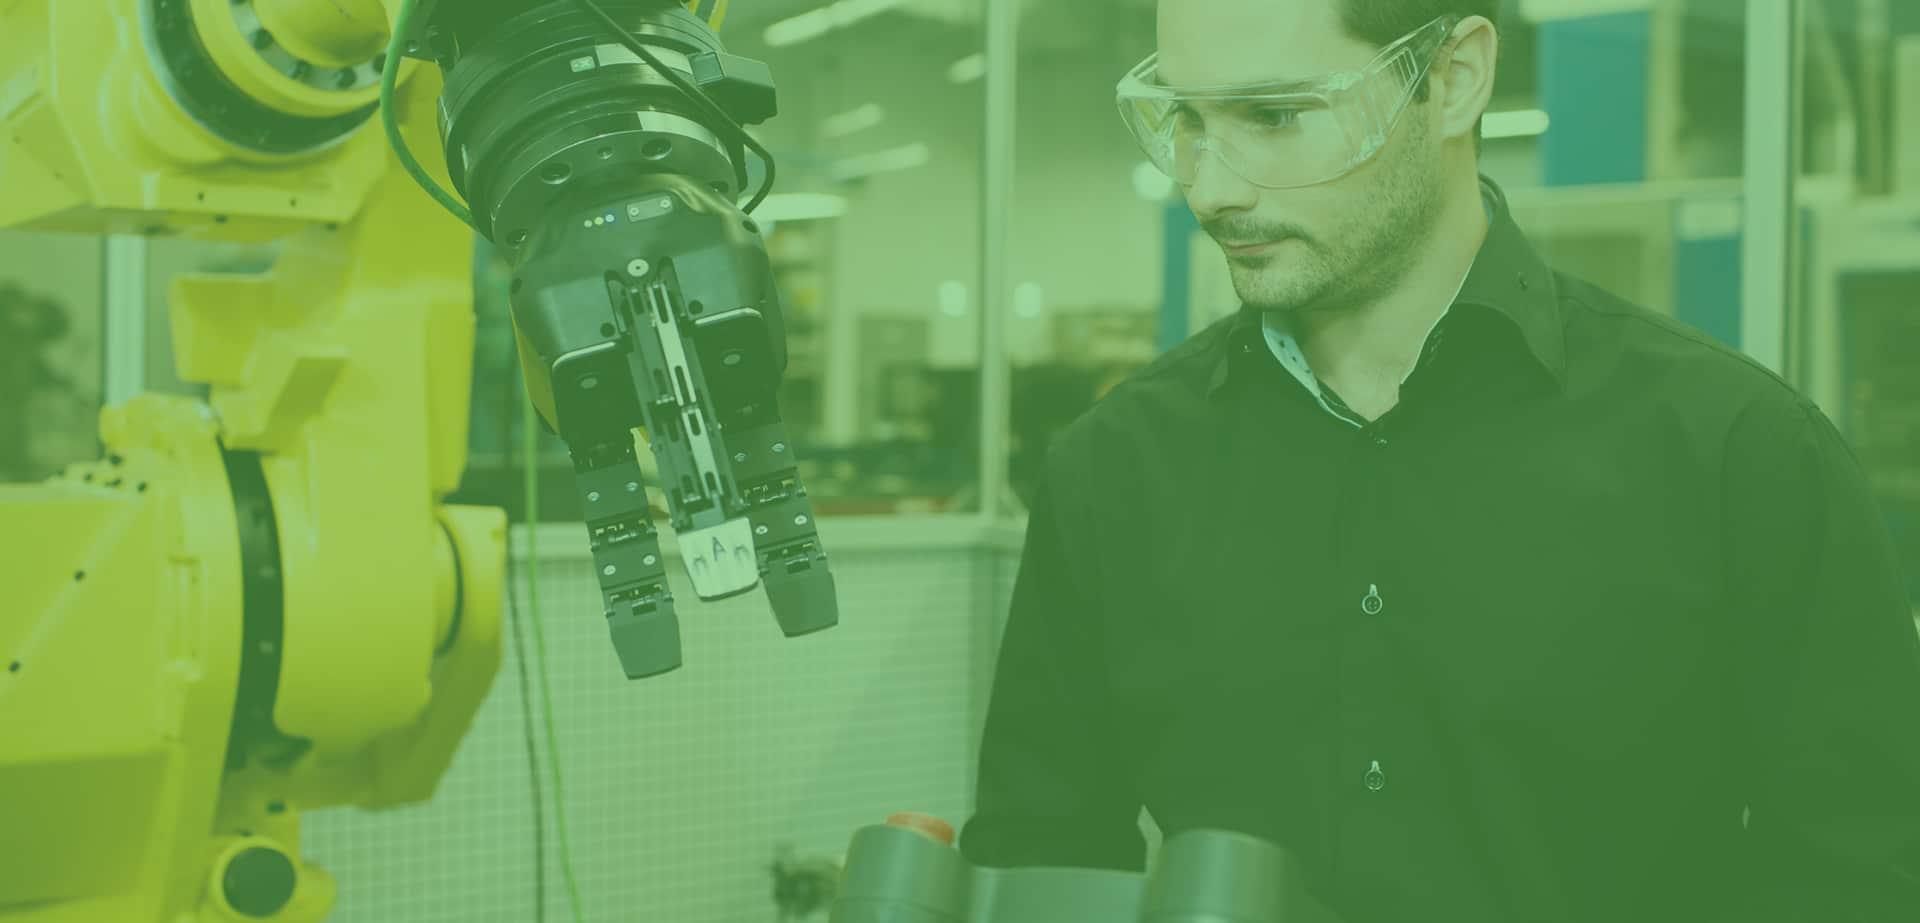 Un technicien opère une cellule robotisée.